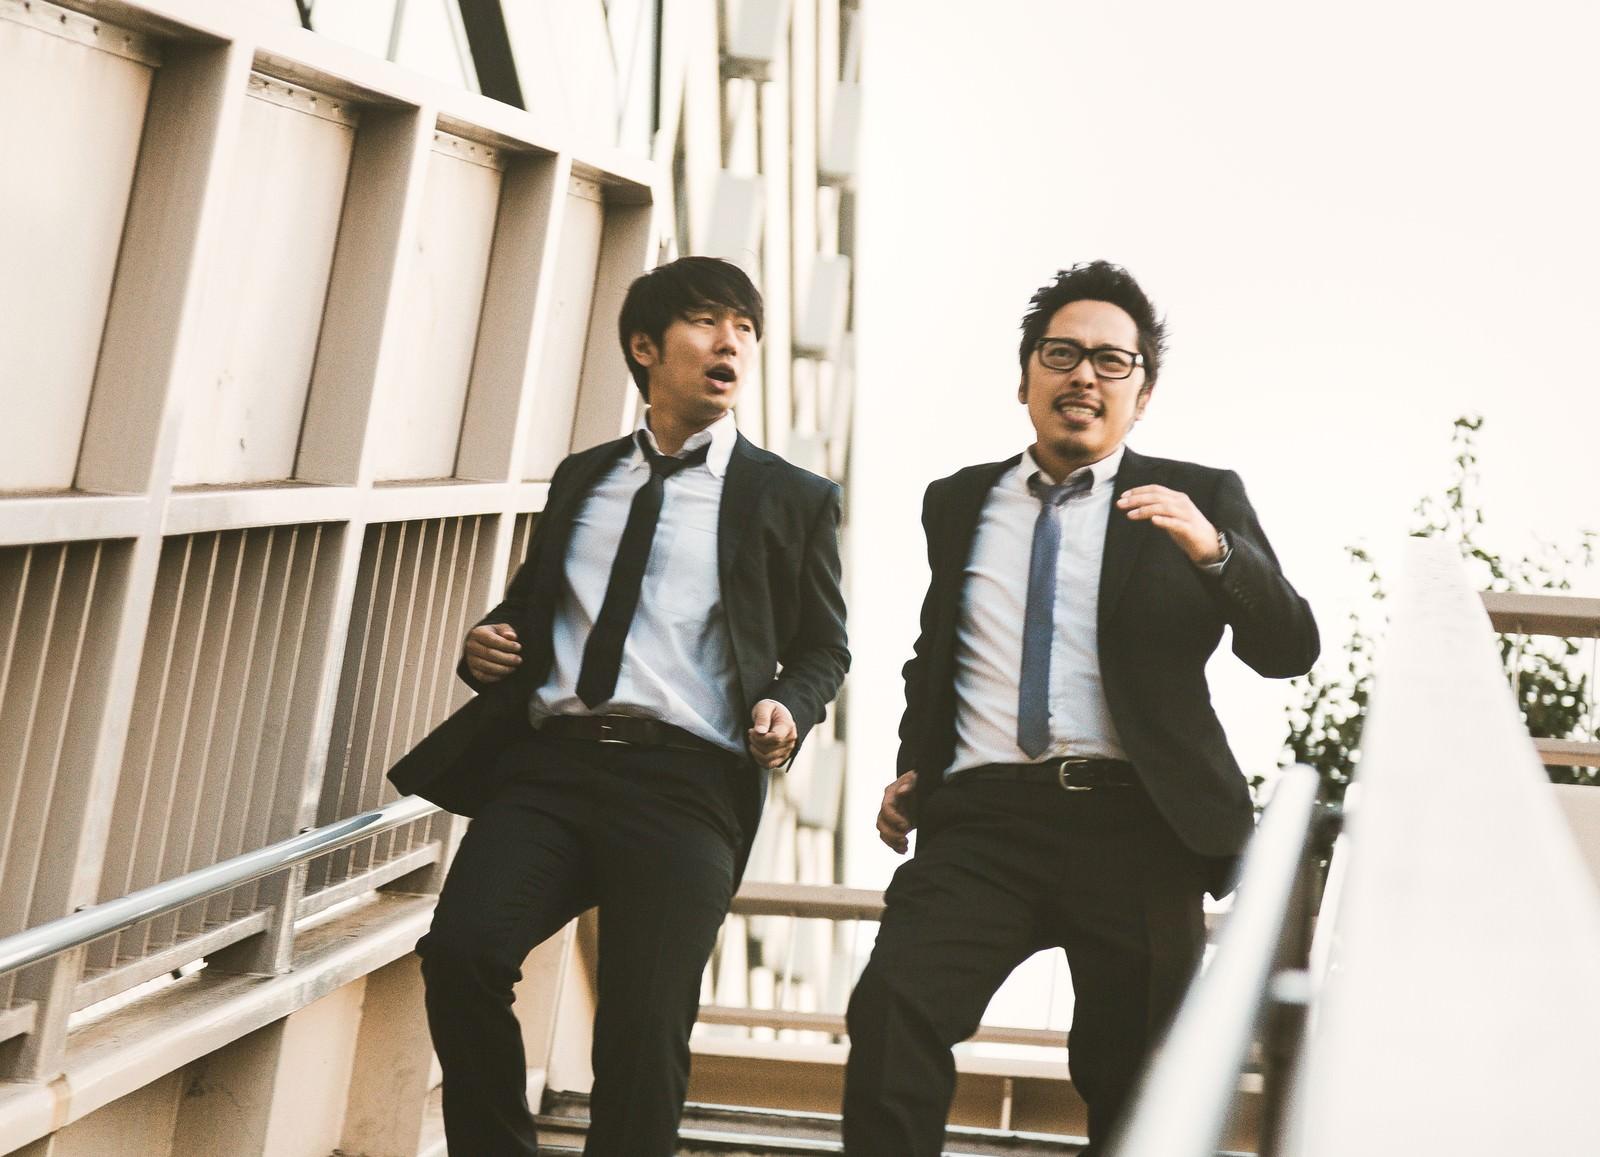 「健康のために階段を駆け下りるアラサー」の写真[モデル:ゆうせい 大川竜弥]